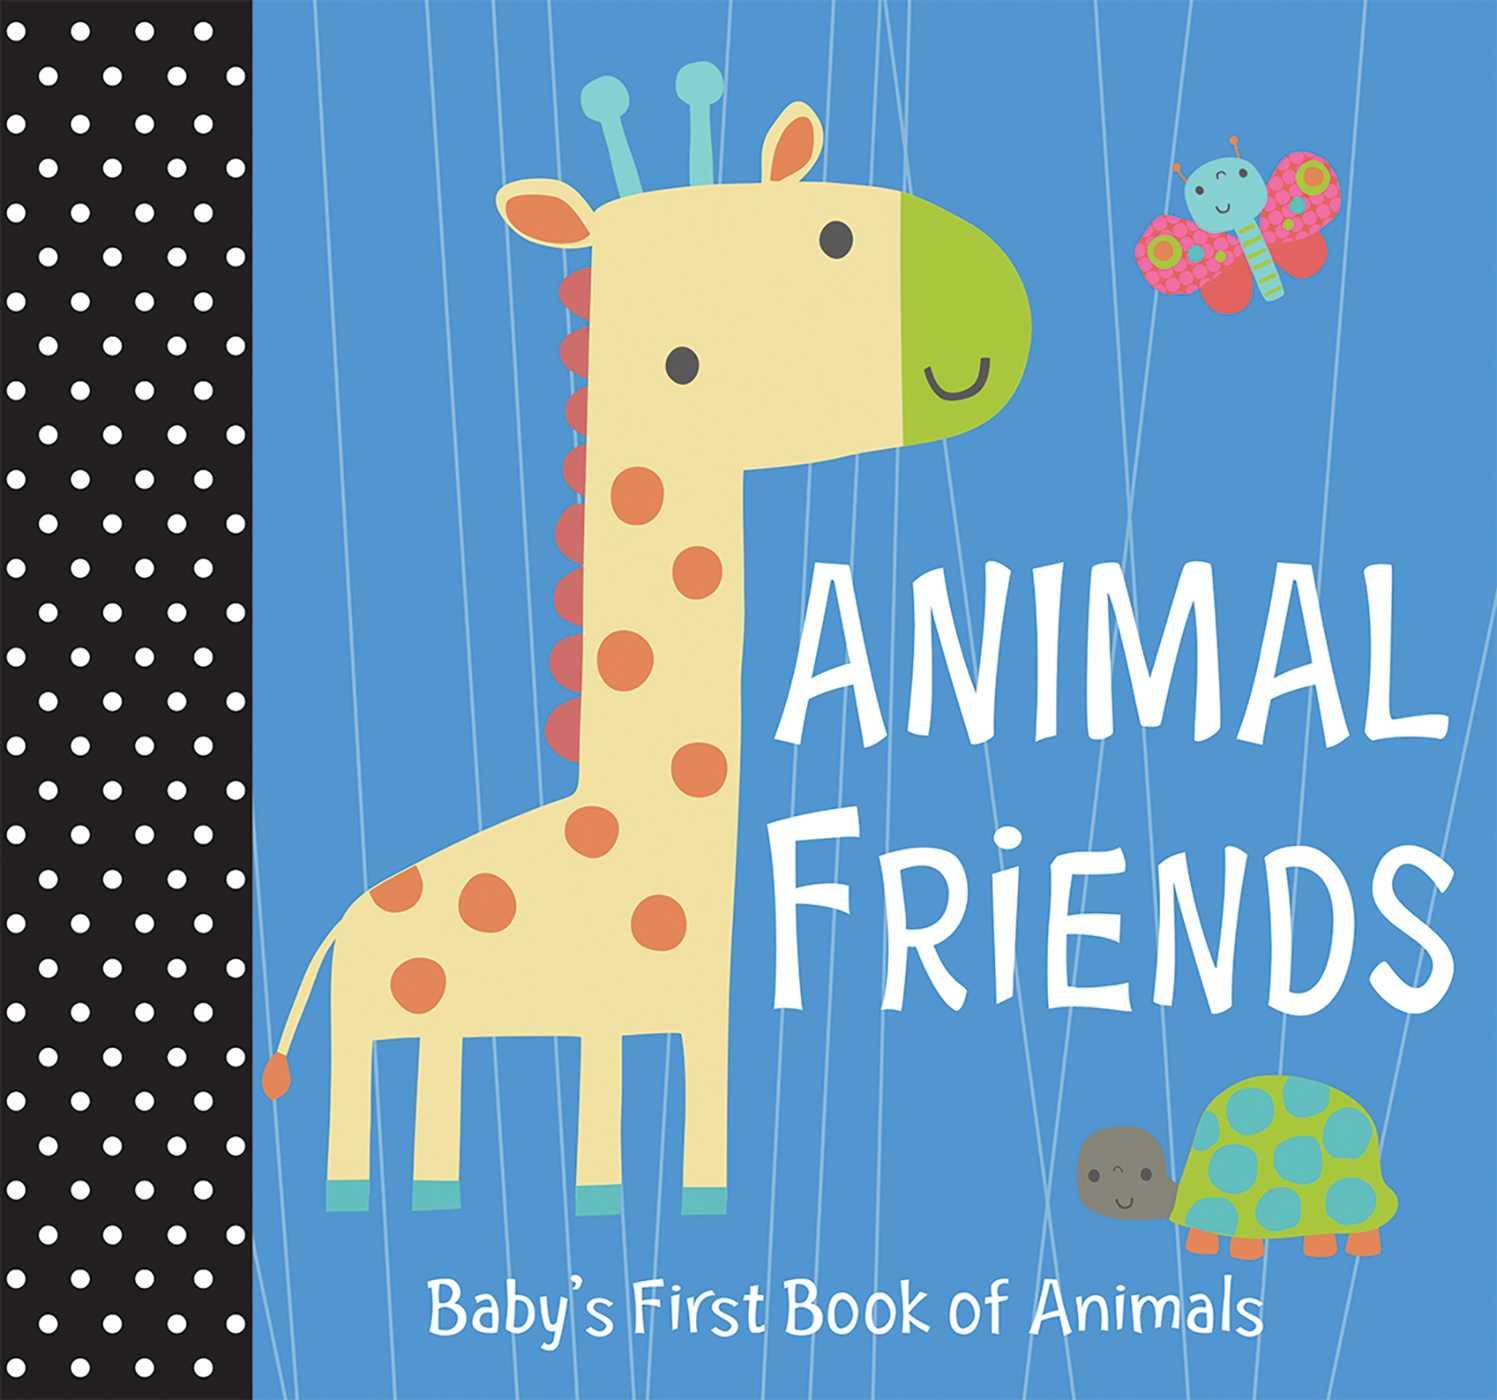 Animal friends 9781684121854 hr